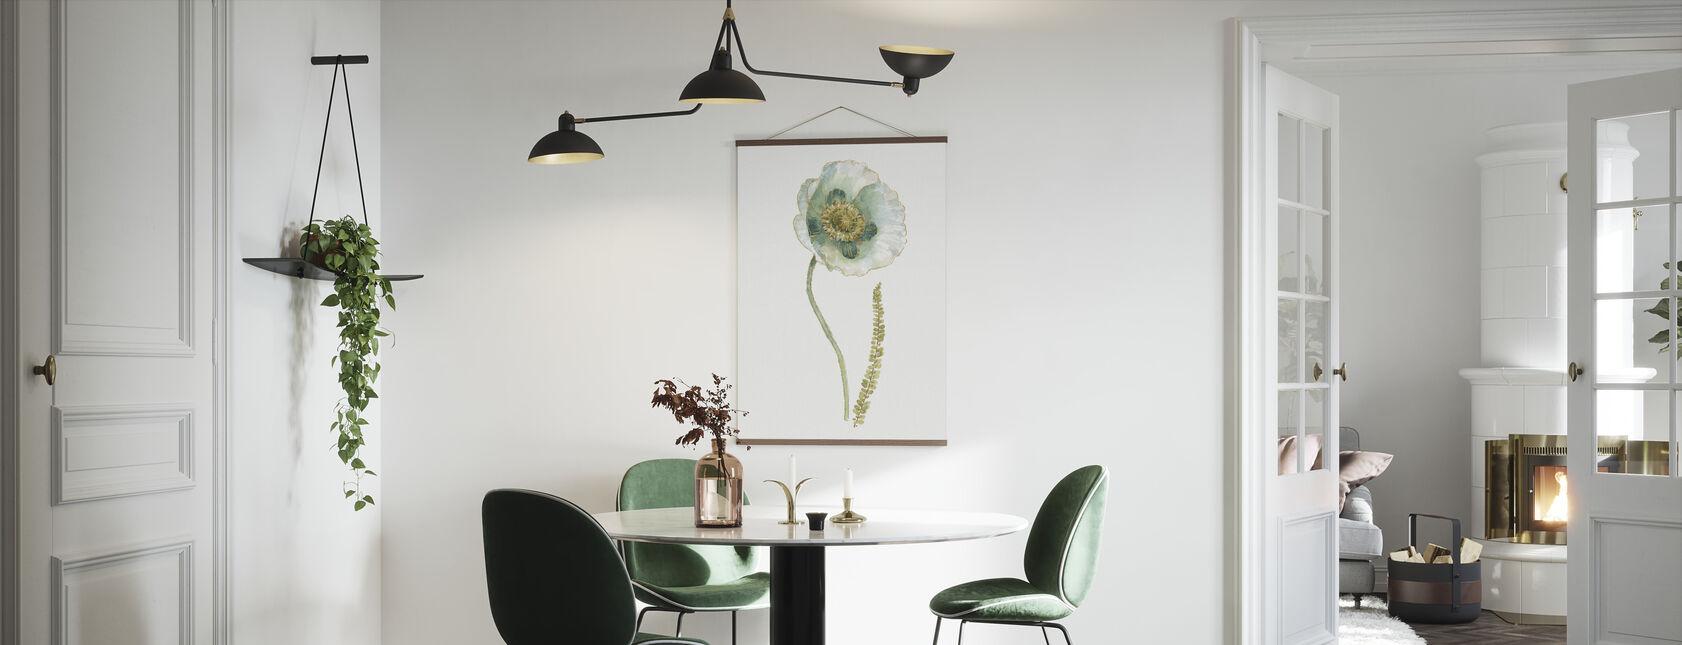 My Greenhouse Single Poppy I - Poster - Kitchen